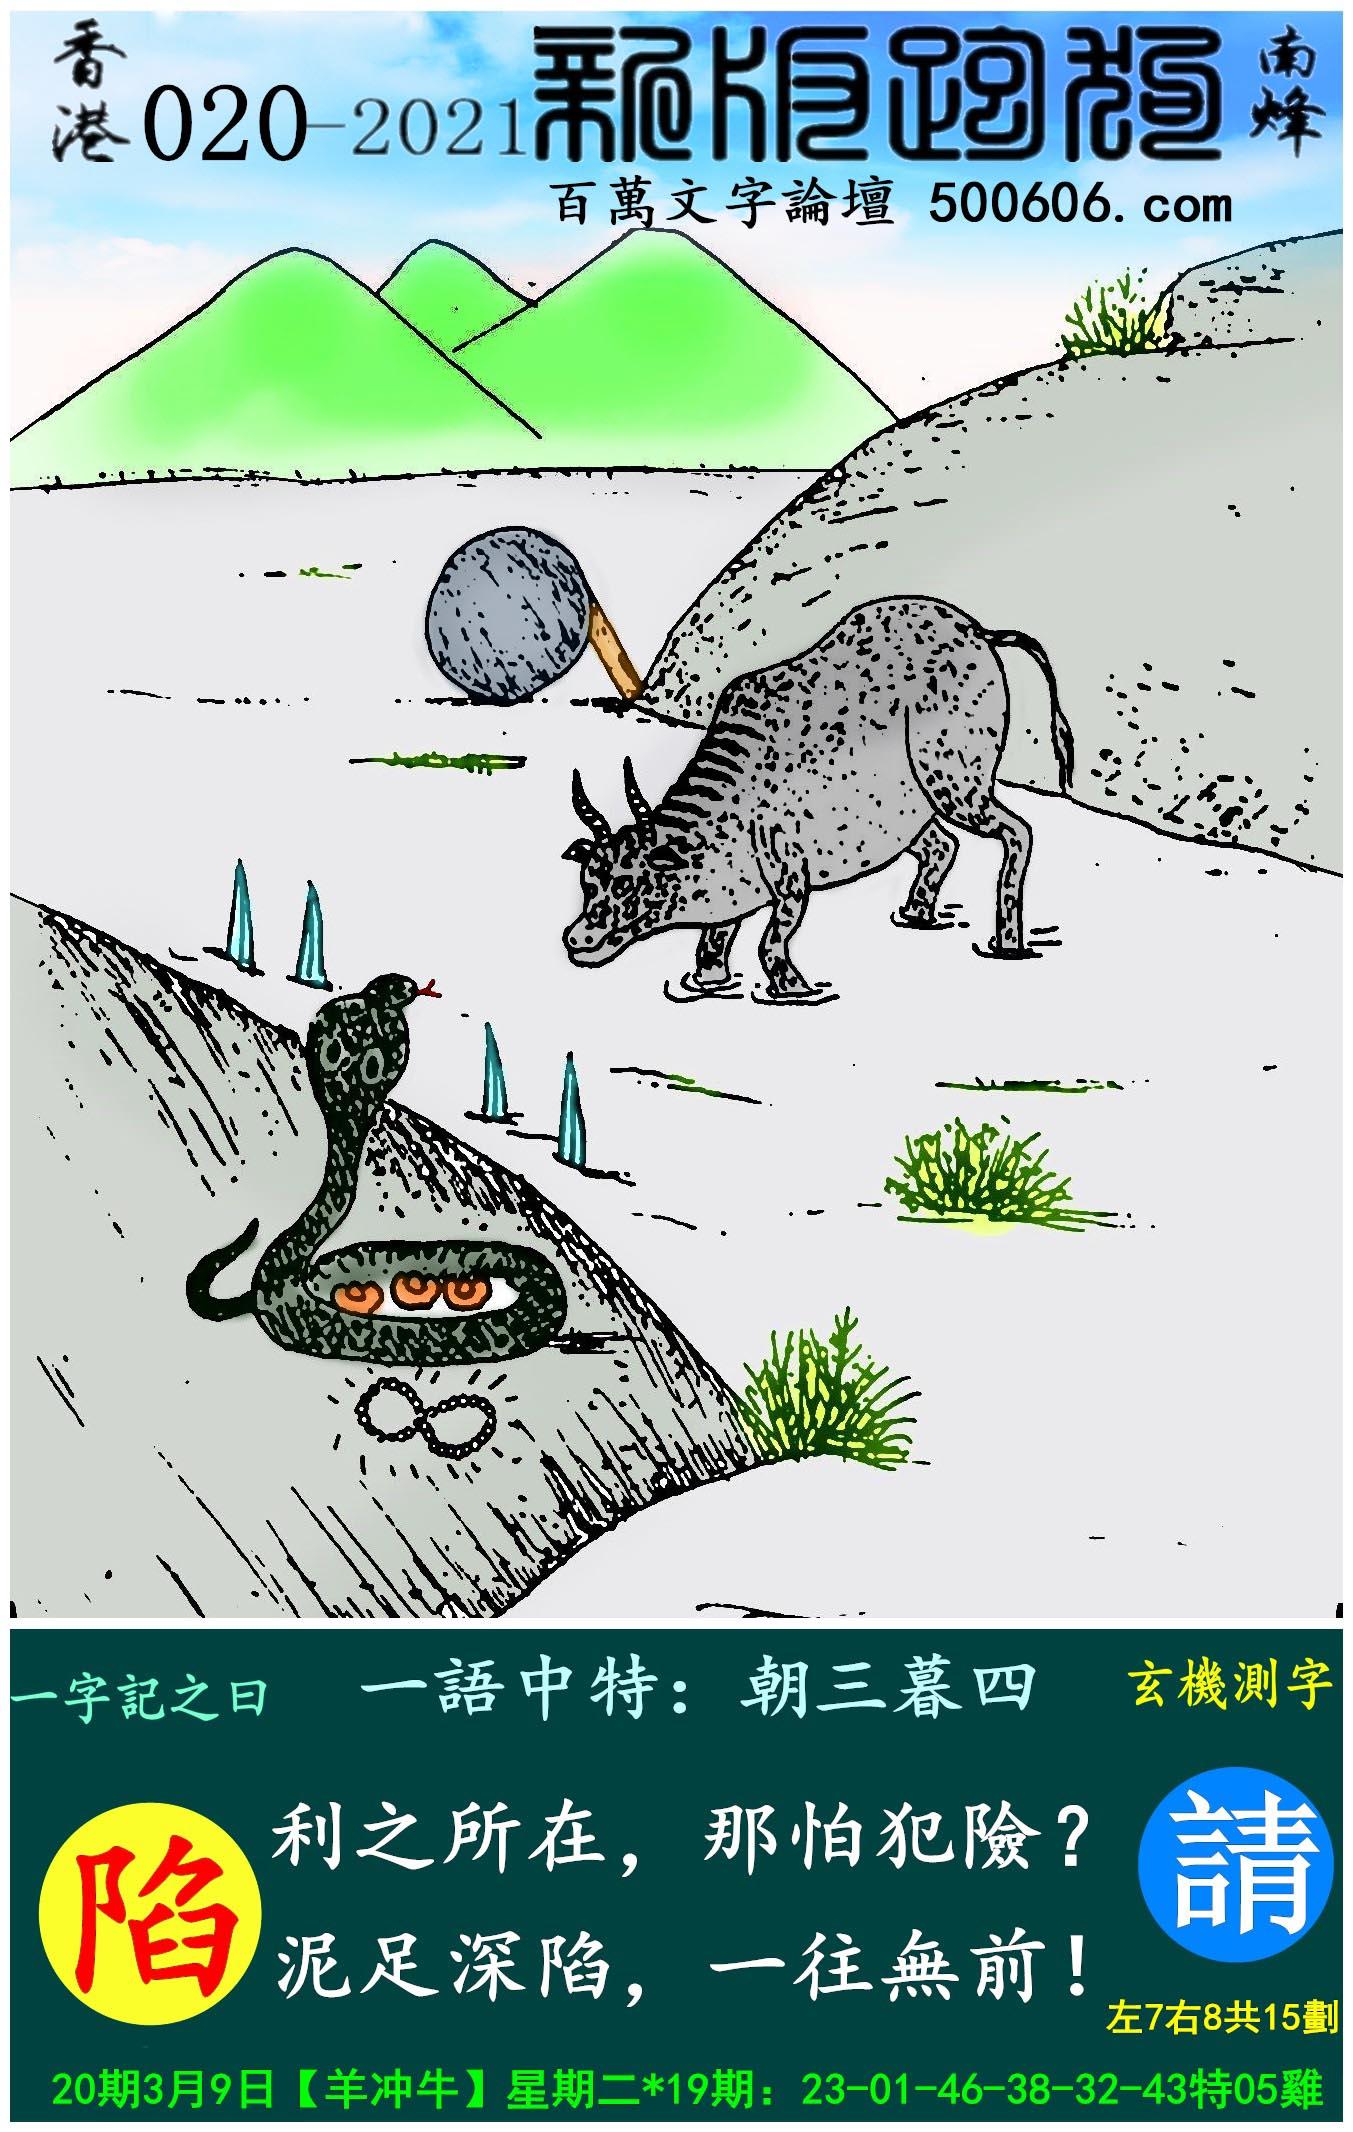 020期跑狗一字�之曰:【陷】_利之所在,那怕犯�U?泥足深陷,一往�o前!